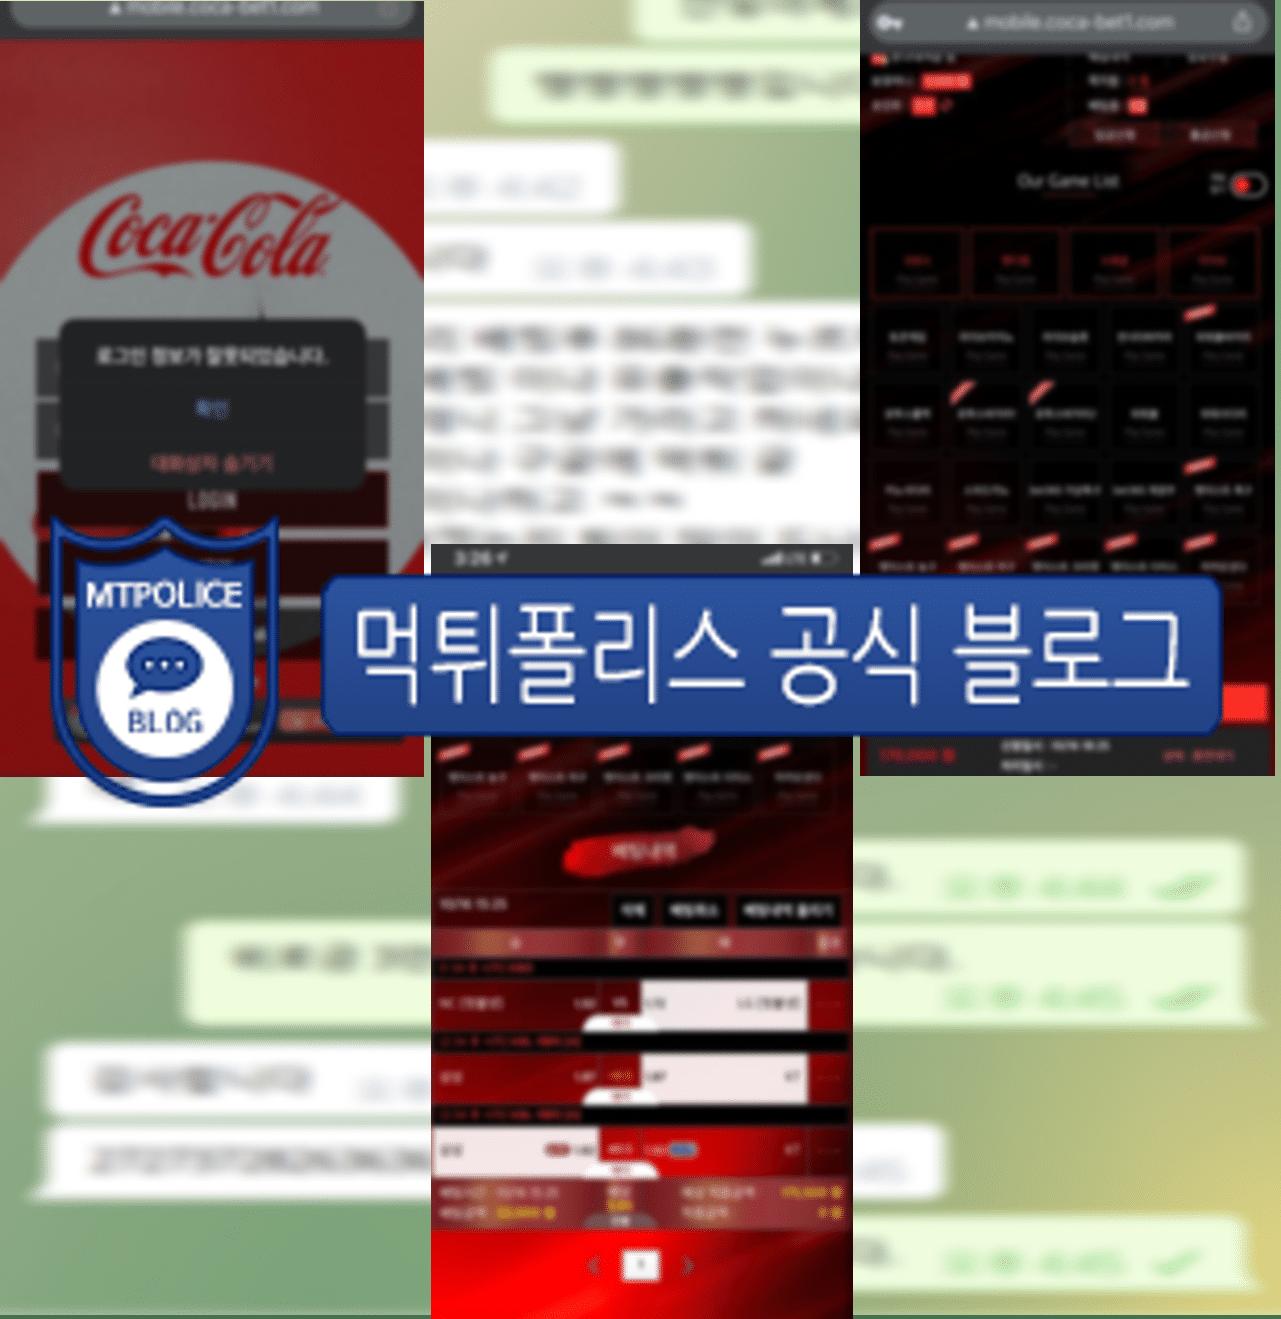 코카콜라 회원 대화 내용